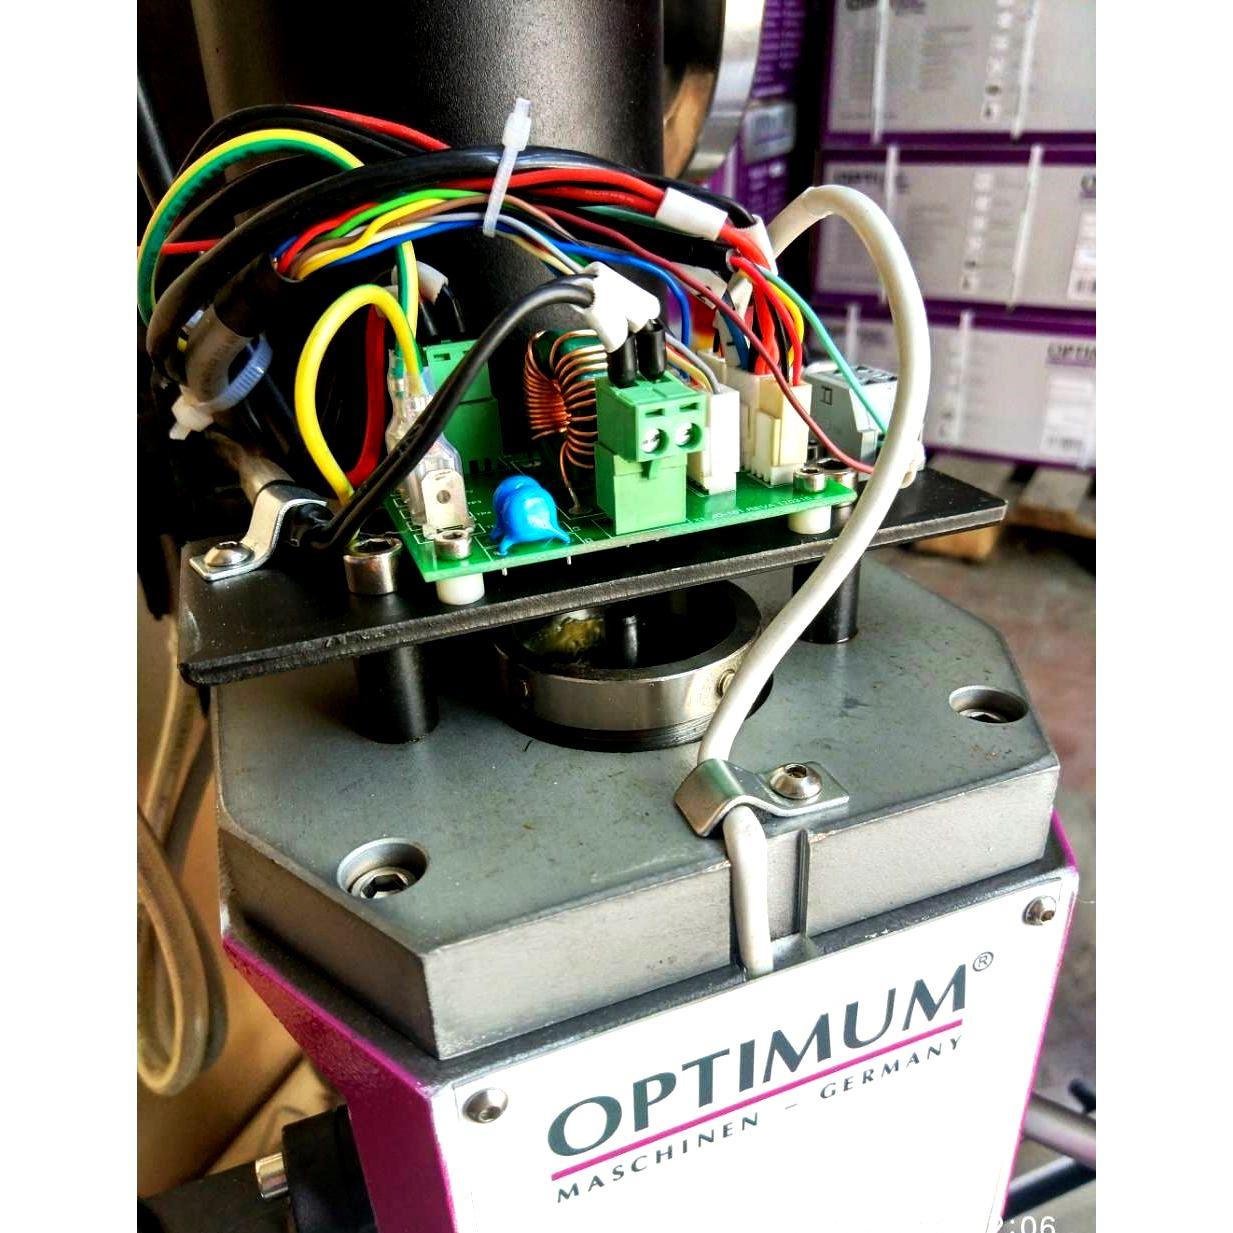 Настільний фрезерний верстат по металу Оптимум MH22 V_14